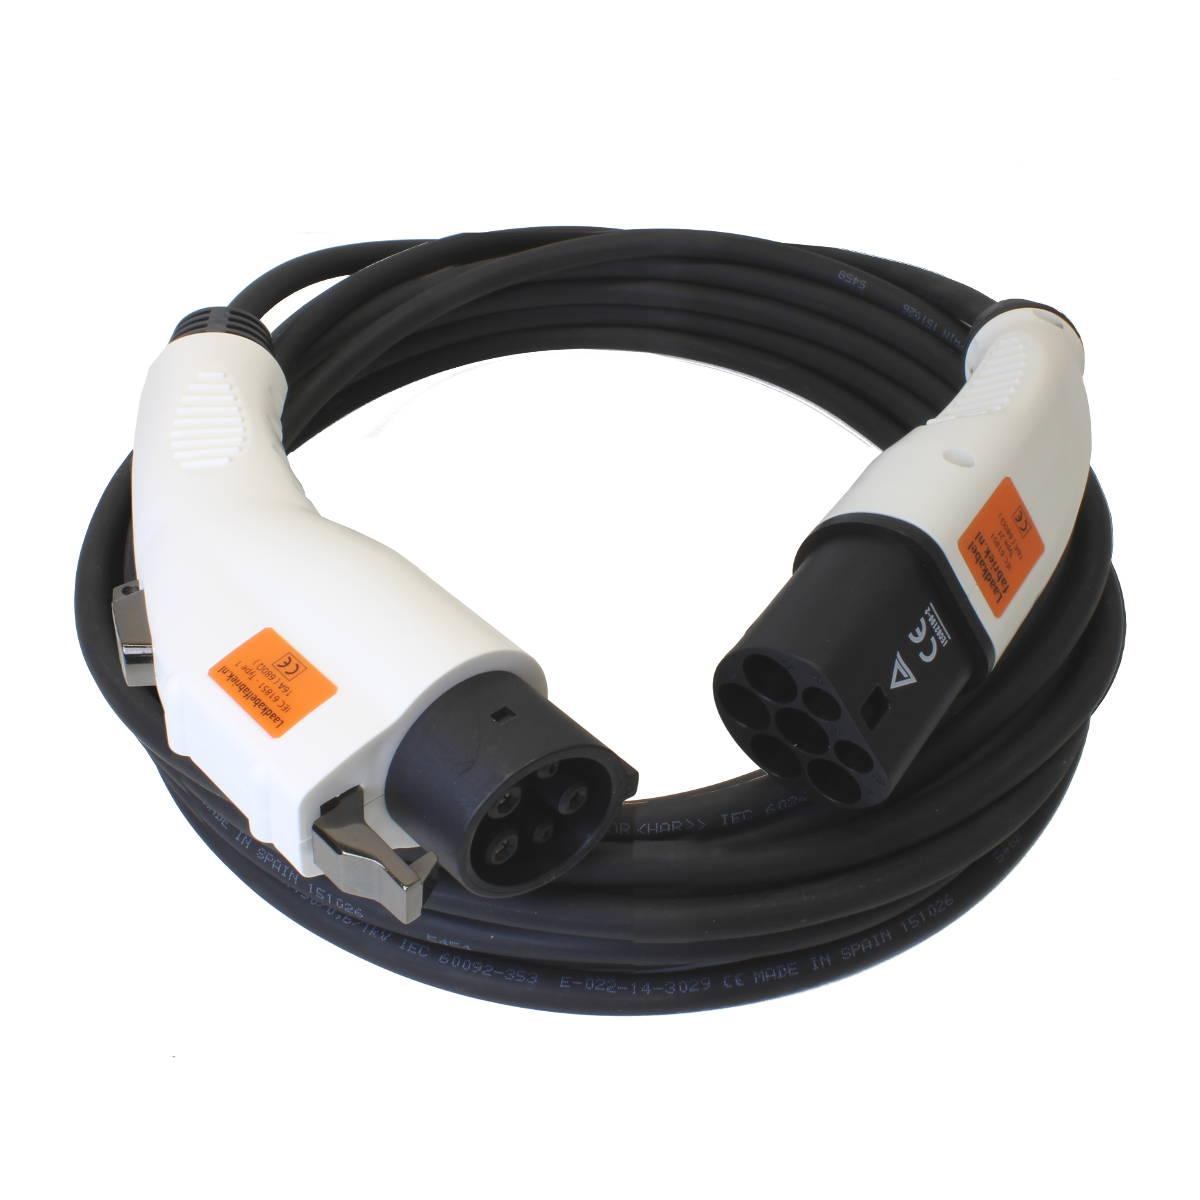 16 ampere kabel perfect ceestekker polig ampere with 16. Black Bedroom Furniture Sets. Home Design Ideas